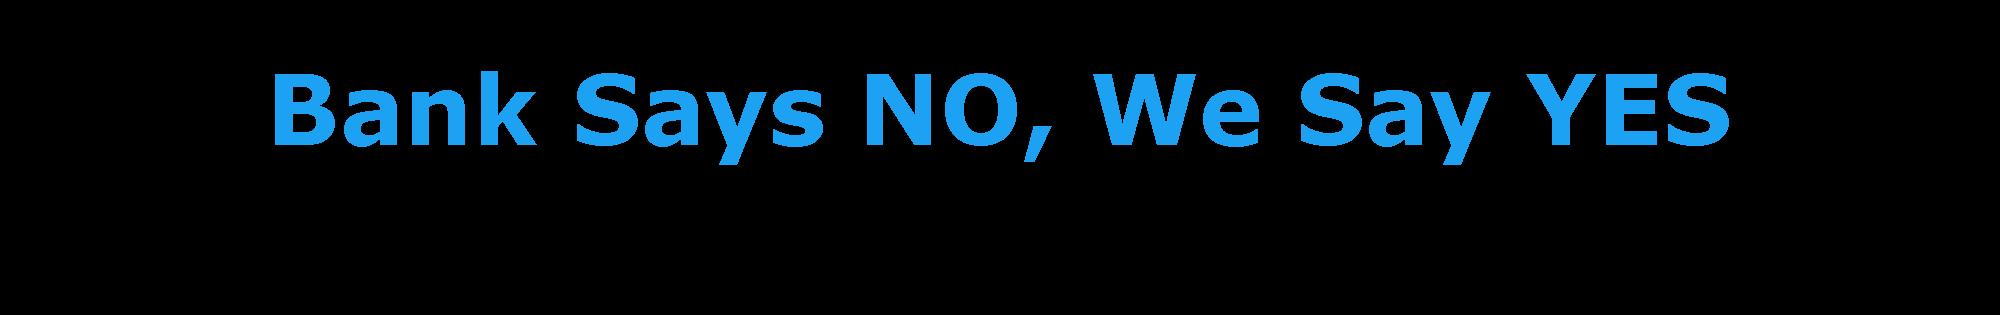 Bank Says NO, We Say YES-logo (5).png